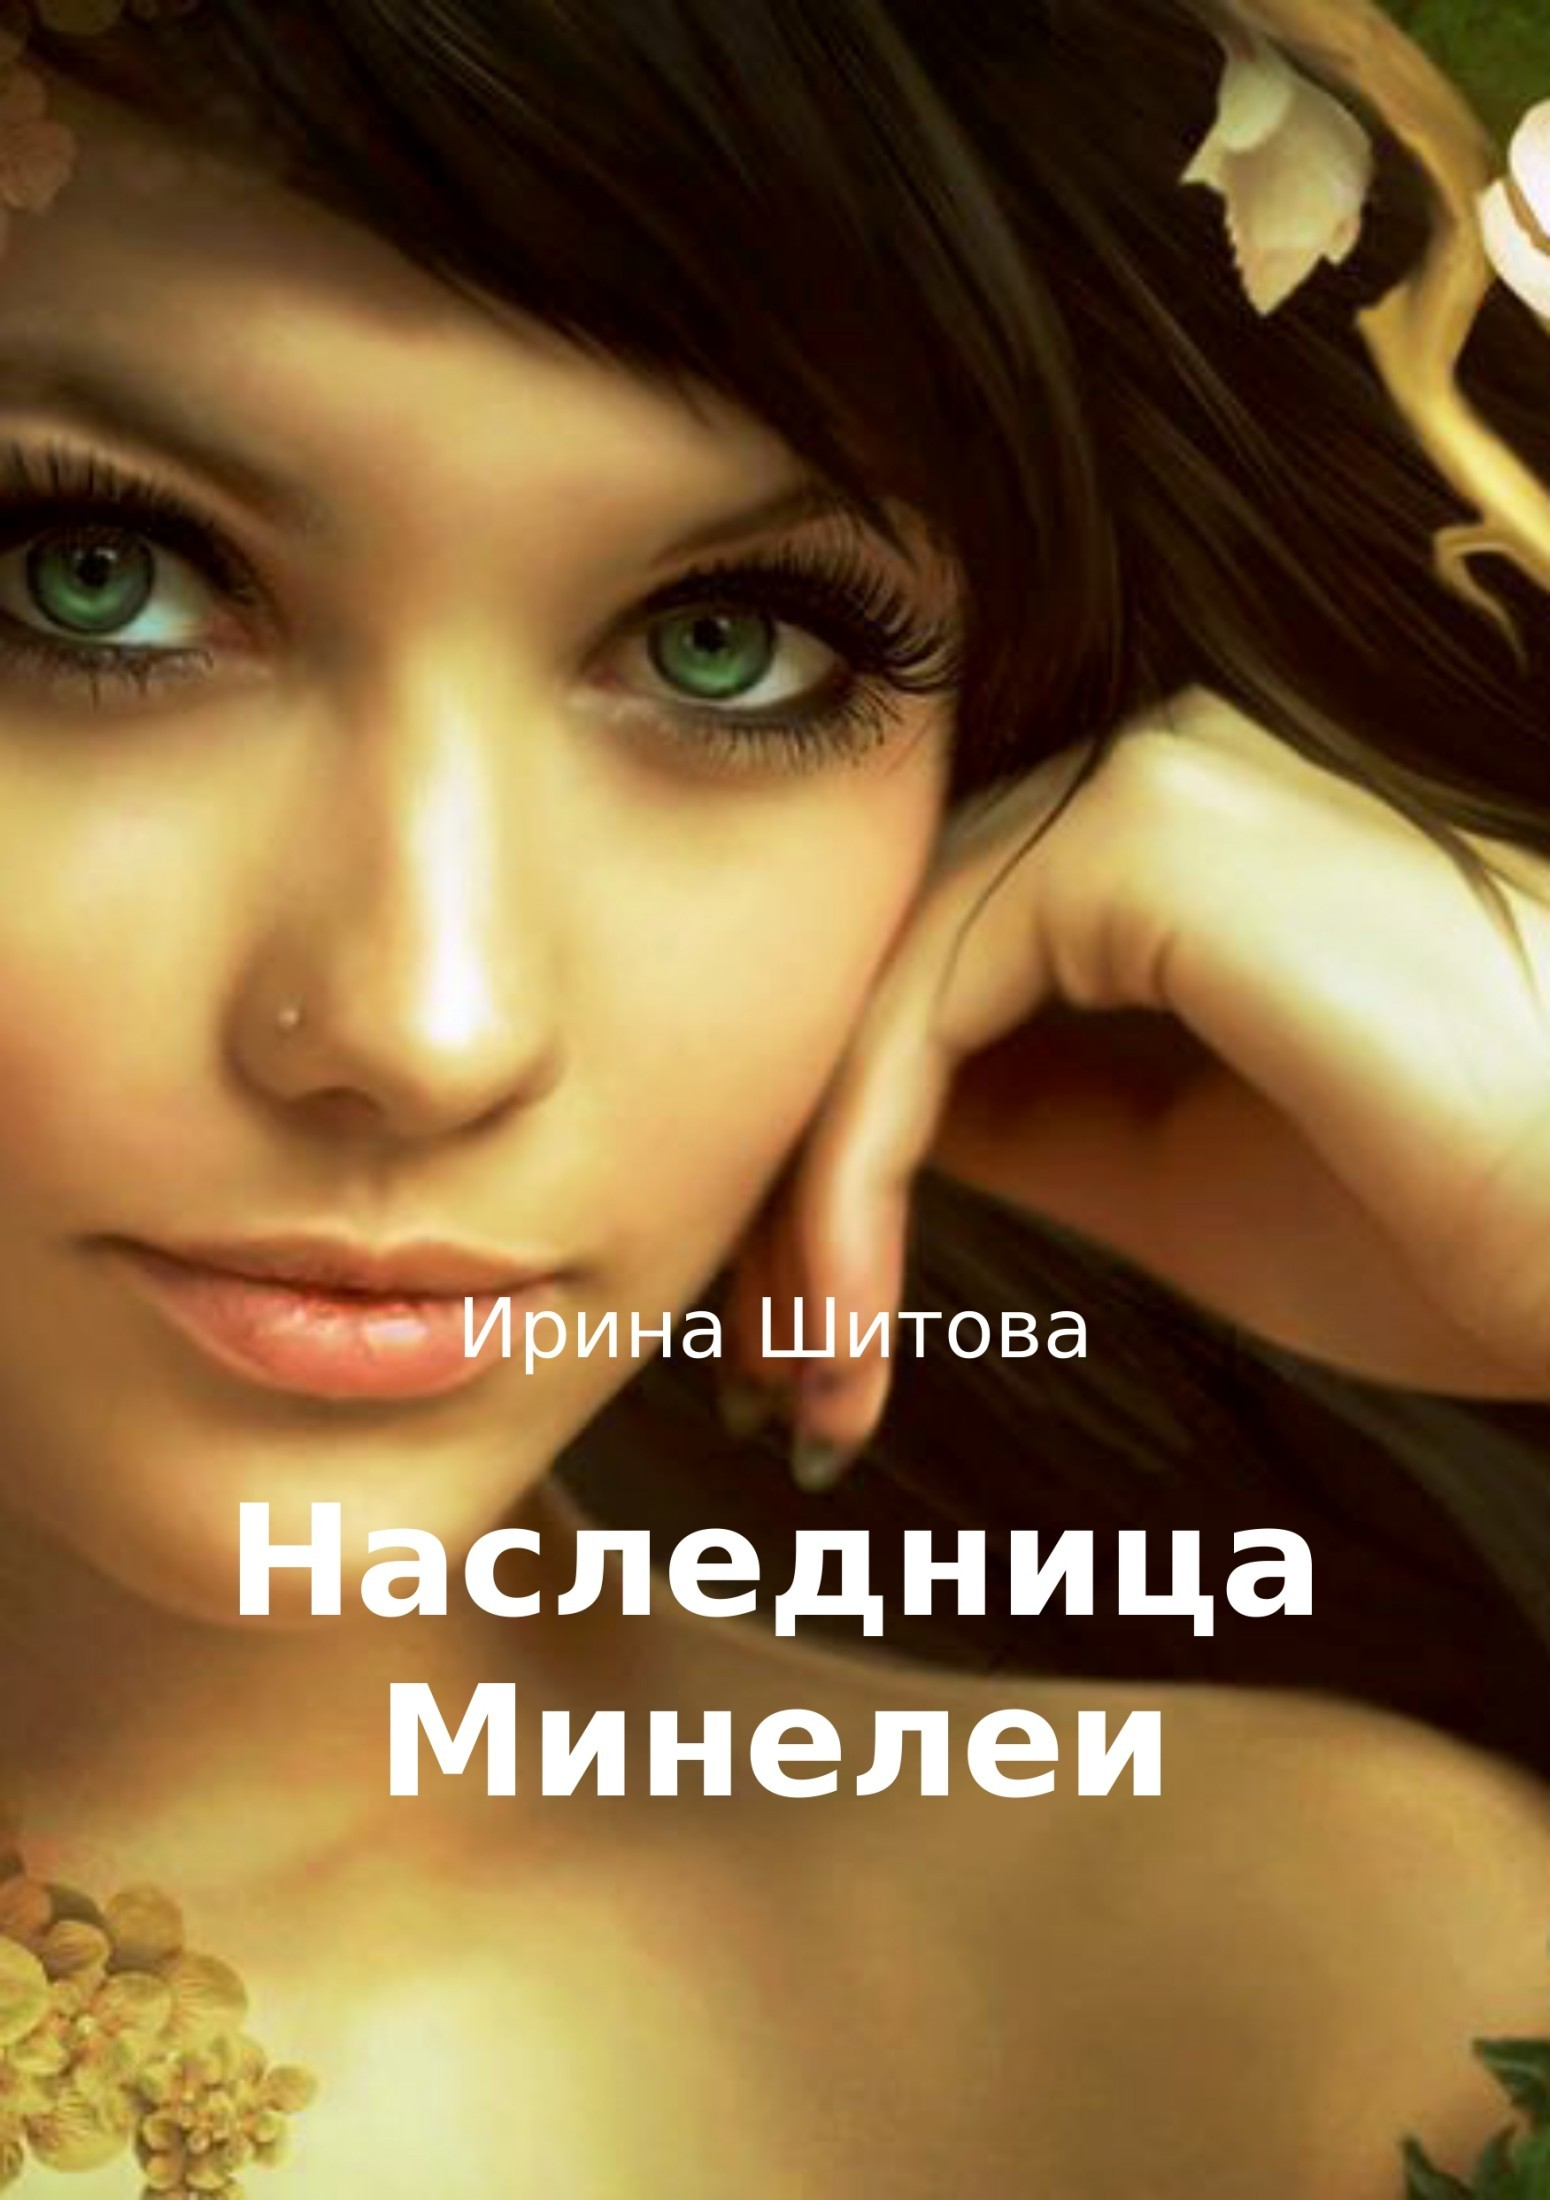 Ирина Владимировна Шитова. Наследница Минелеи